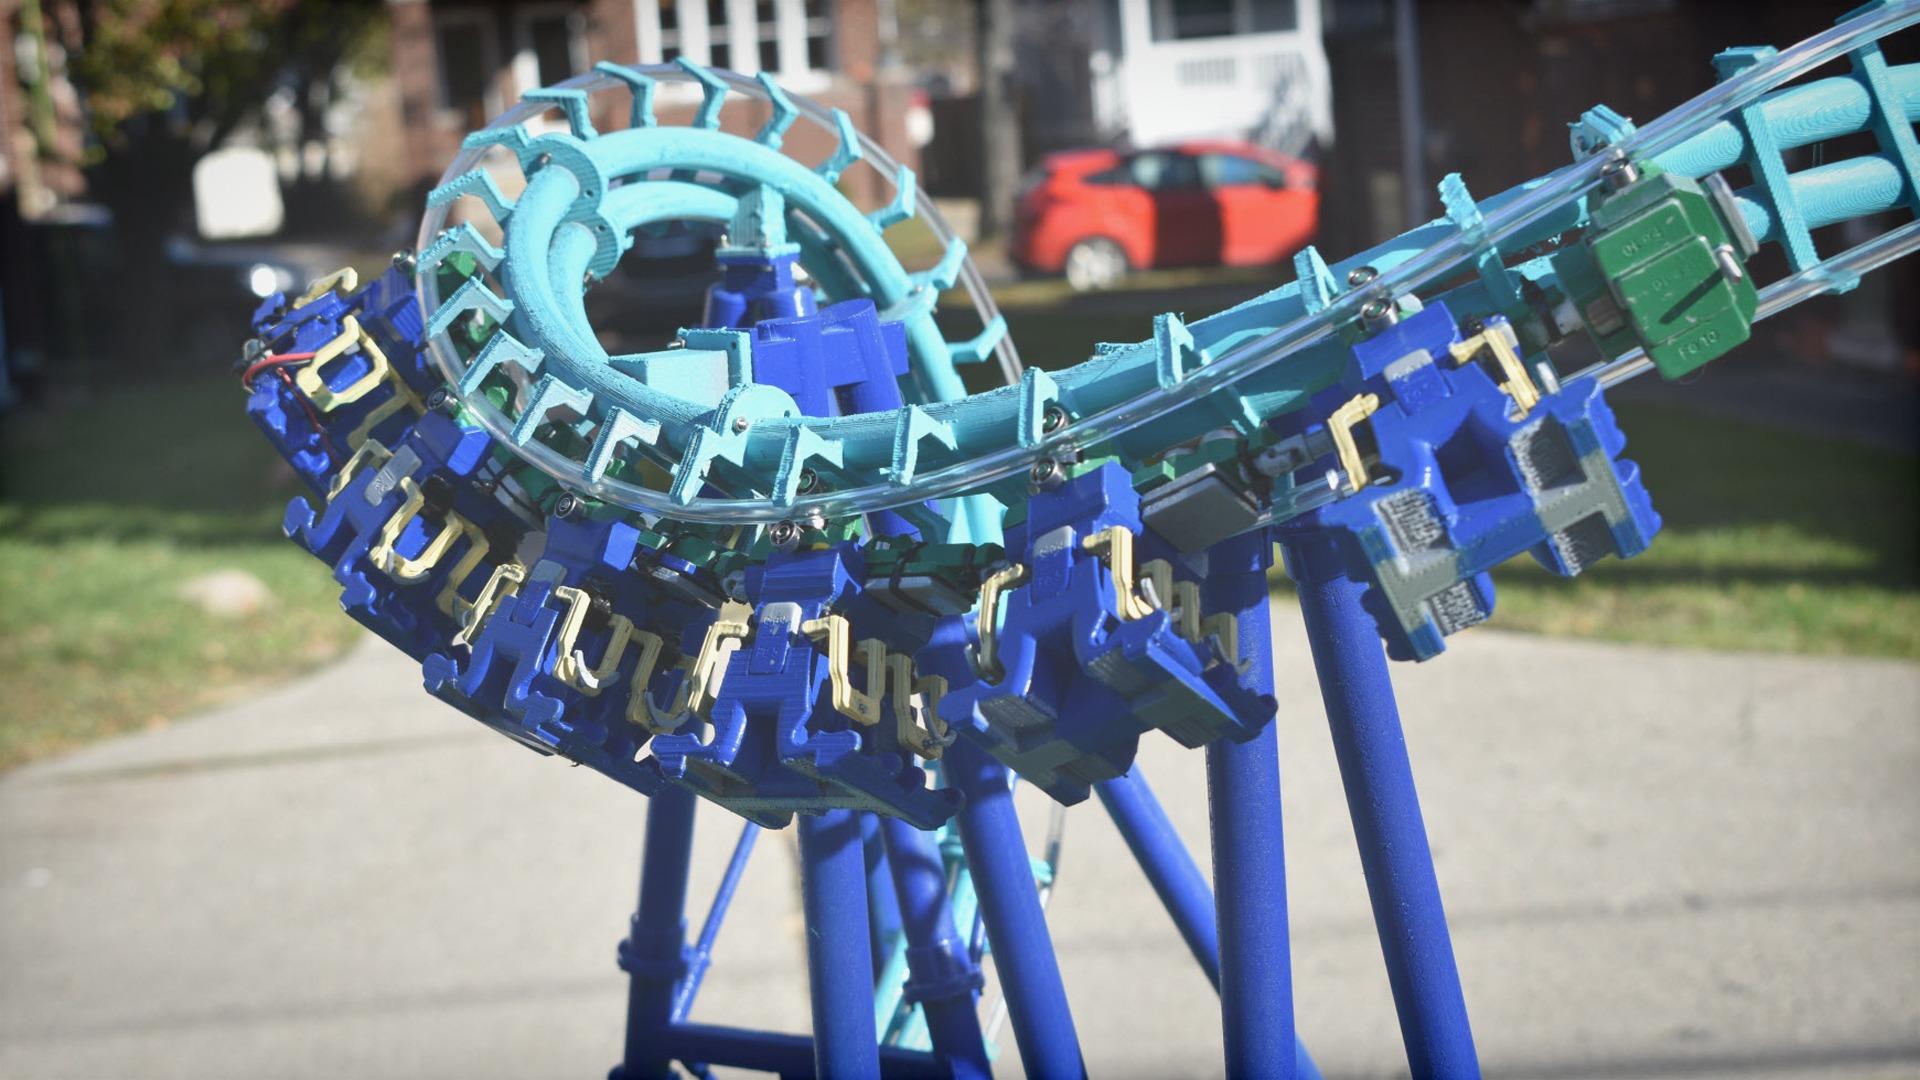 SolidWorks roller coaster